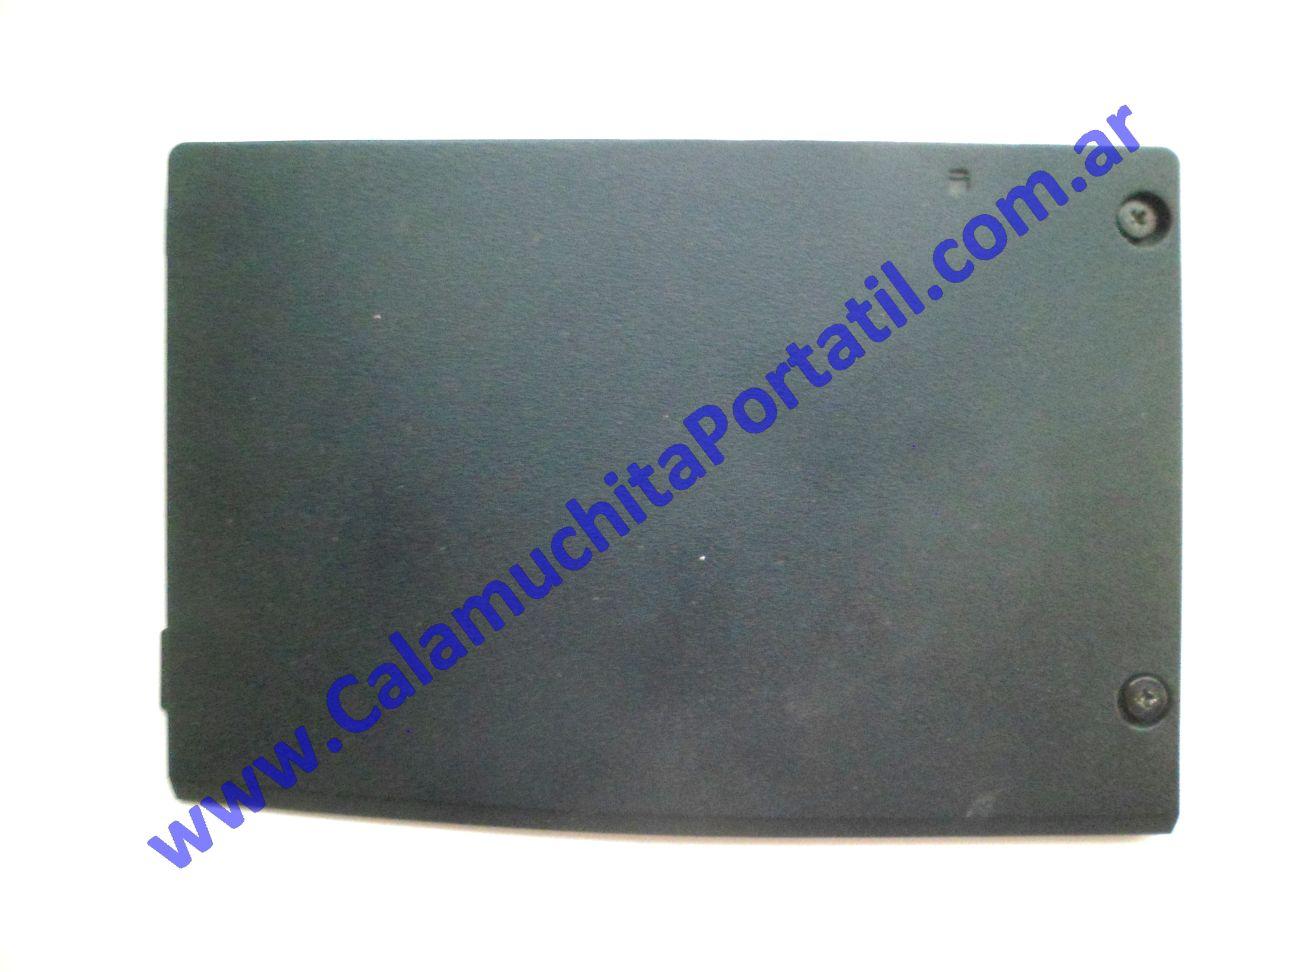 0595CTD Carcasas Tapa Disco Acer Aspire 5520-5323 / ICW50